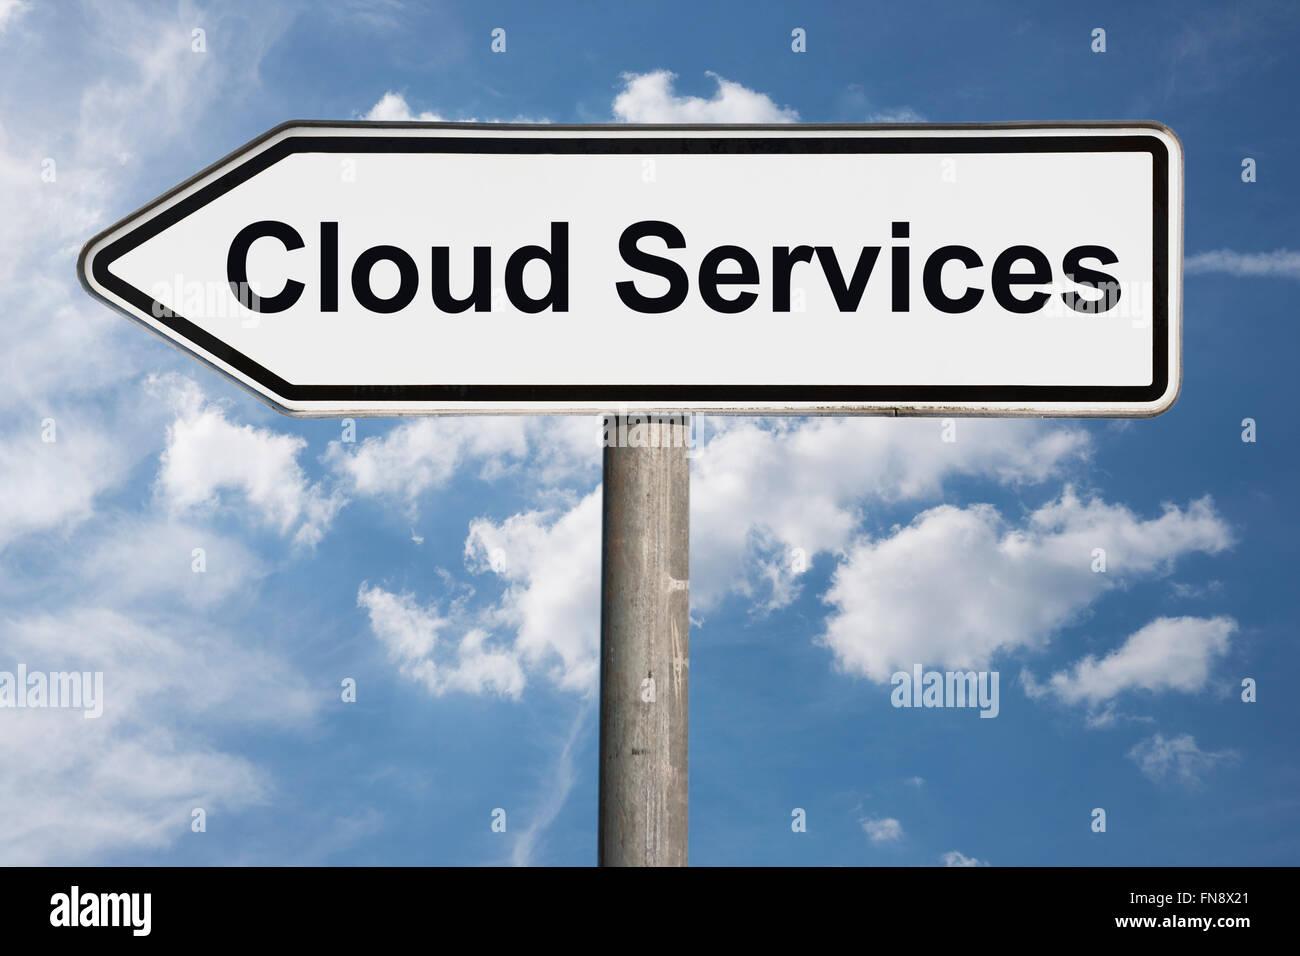 Detail-Foto der ein Schild mit dem Titel Cloud-Services Stockbild